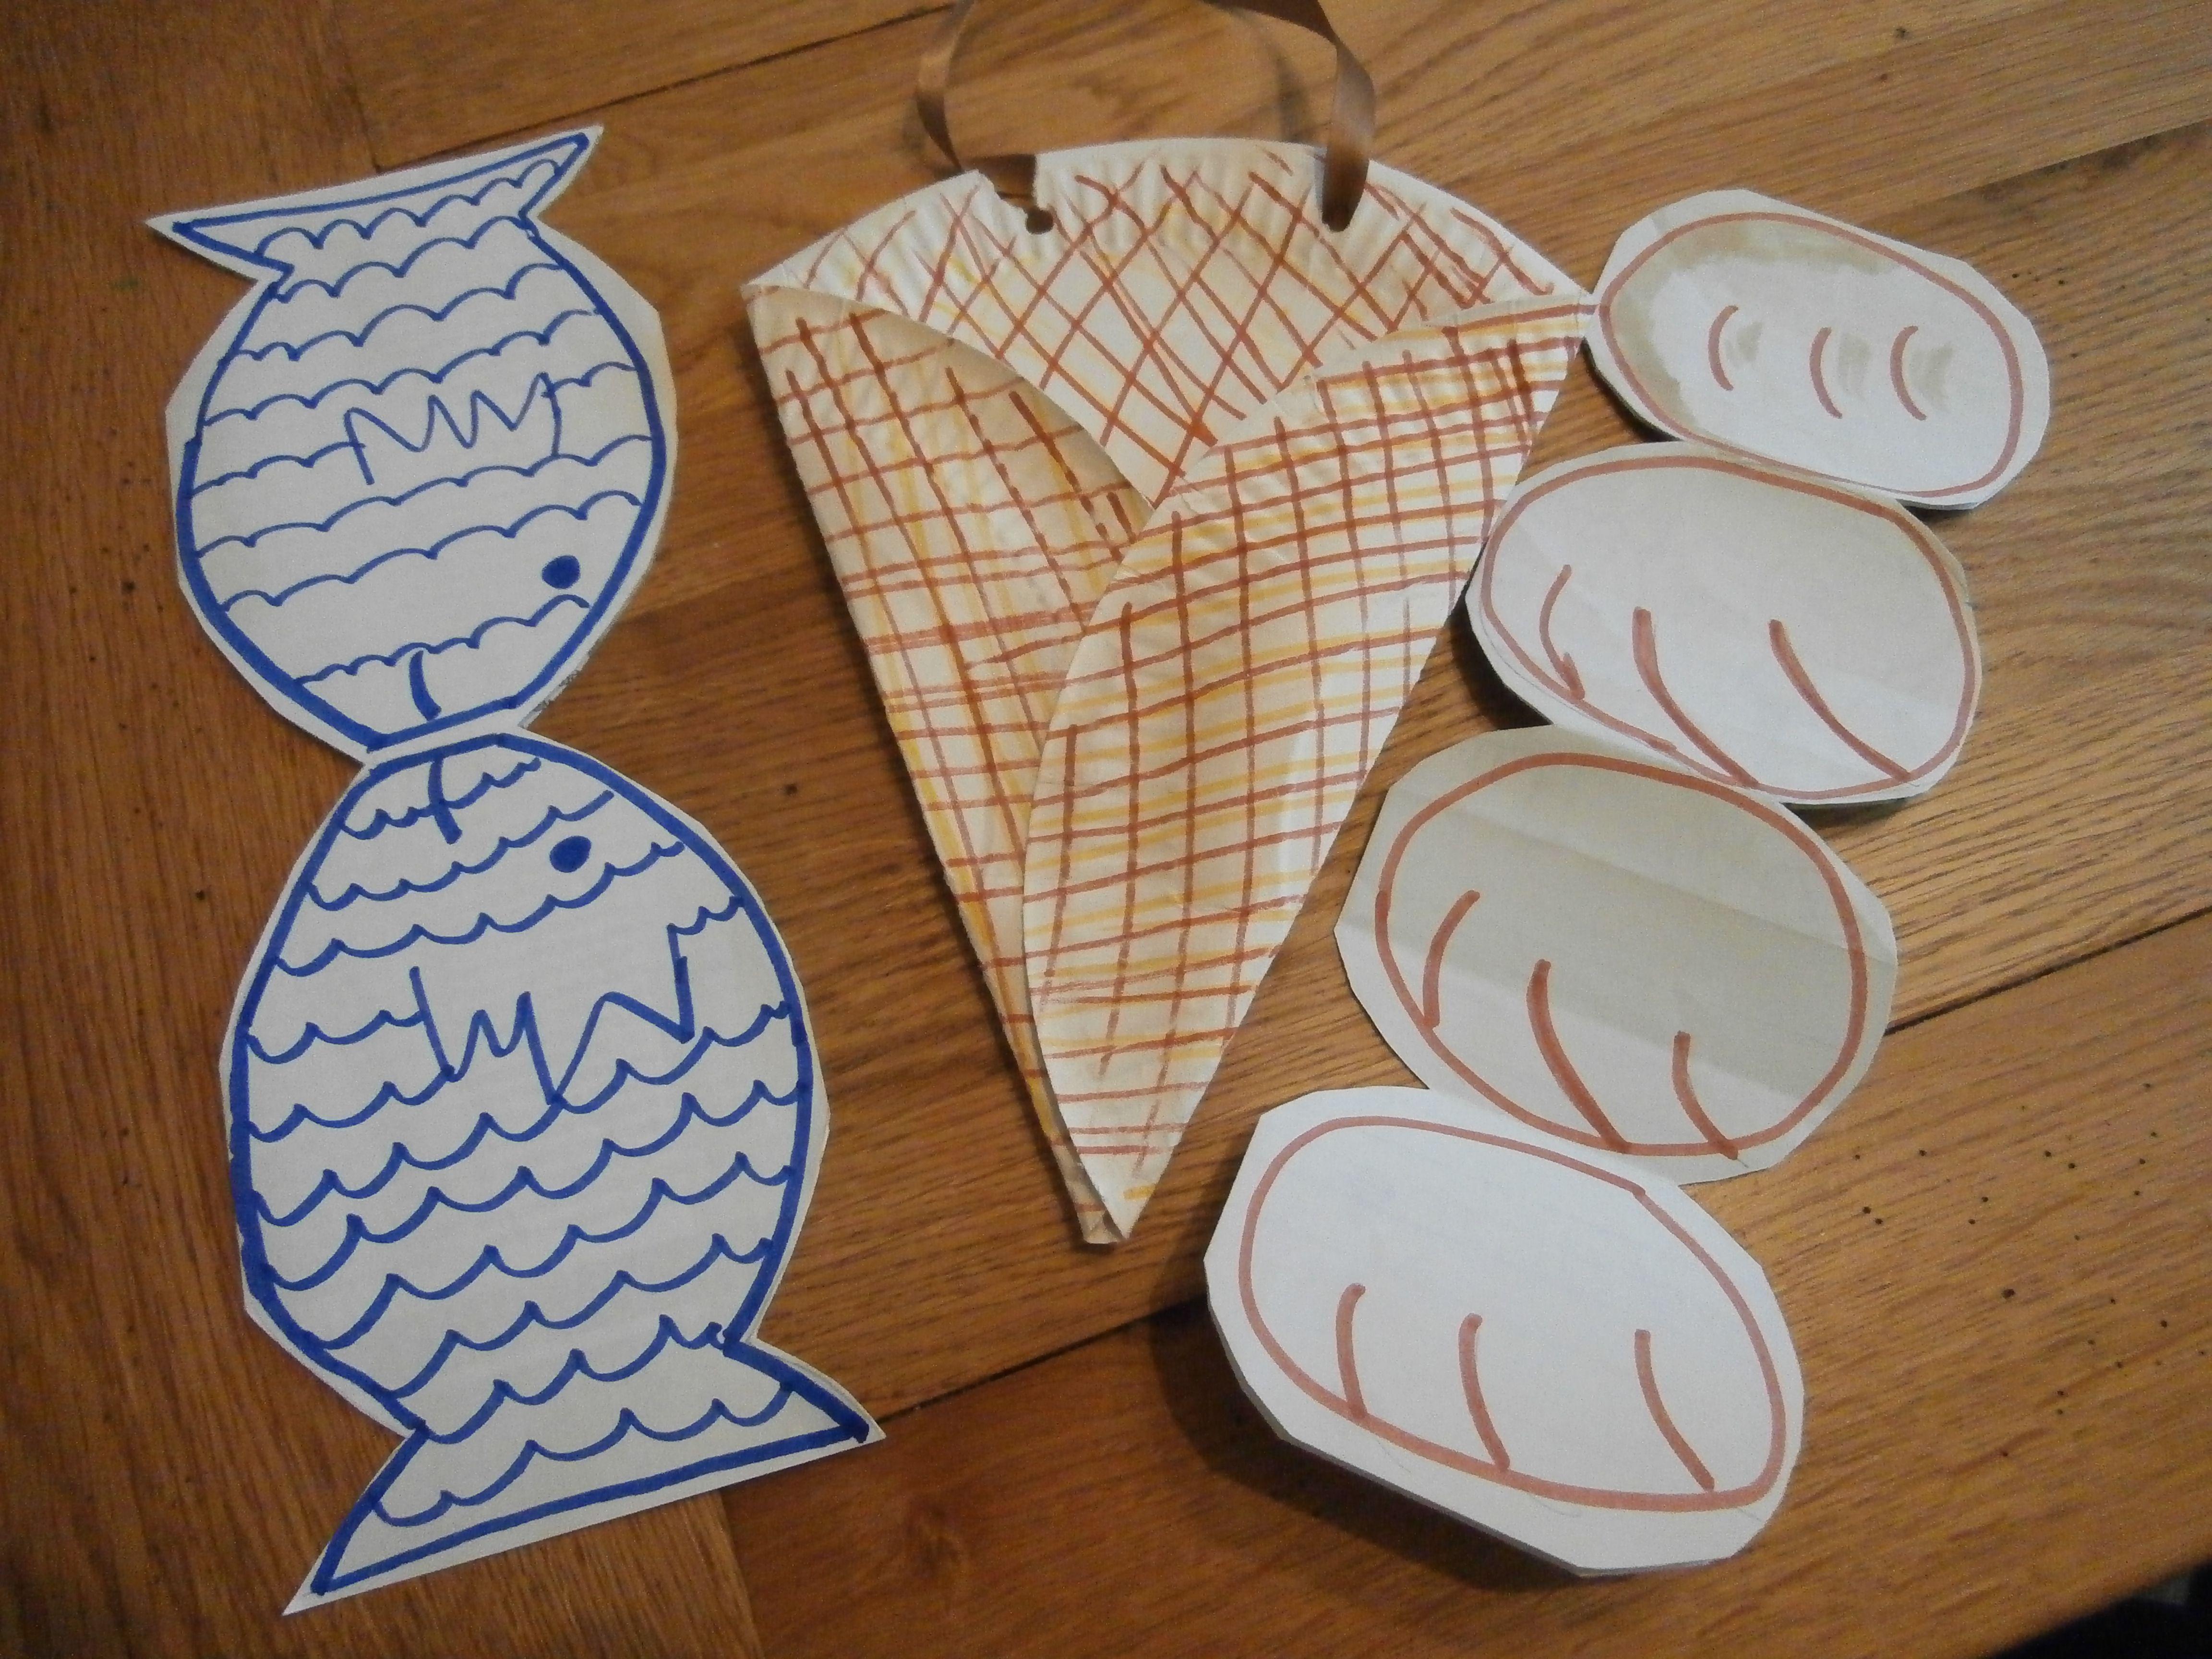 Sunday School Craft